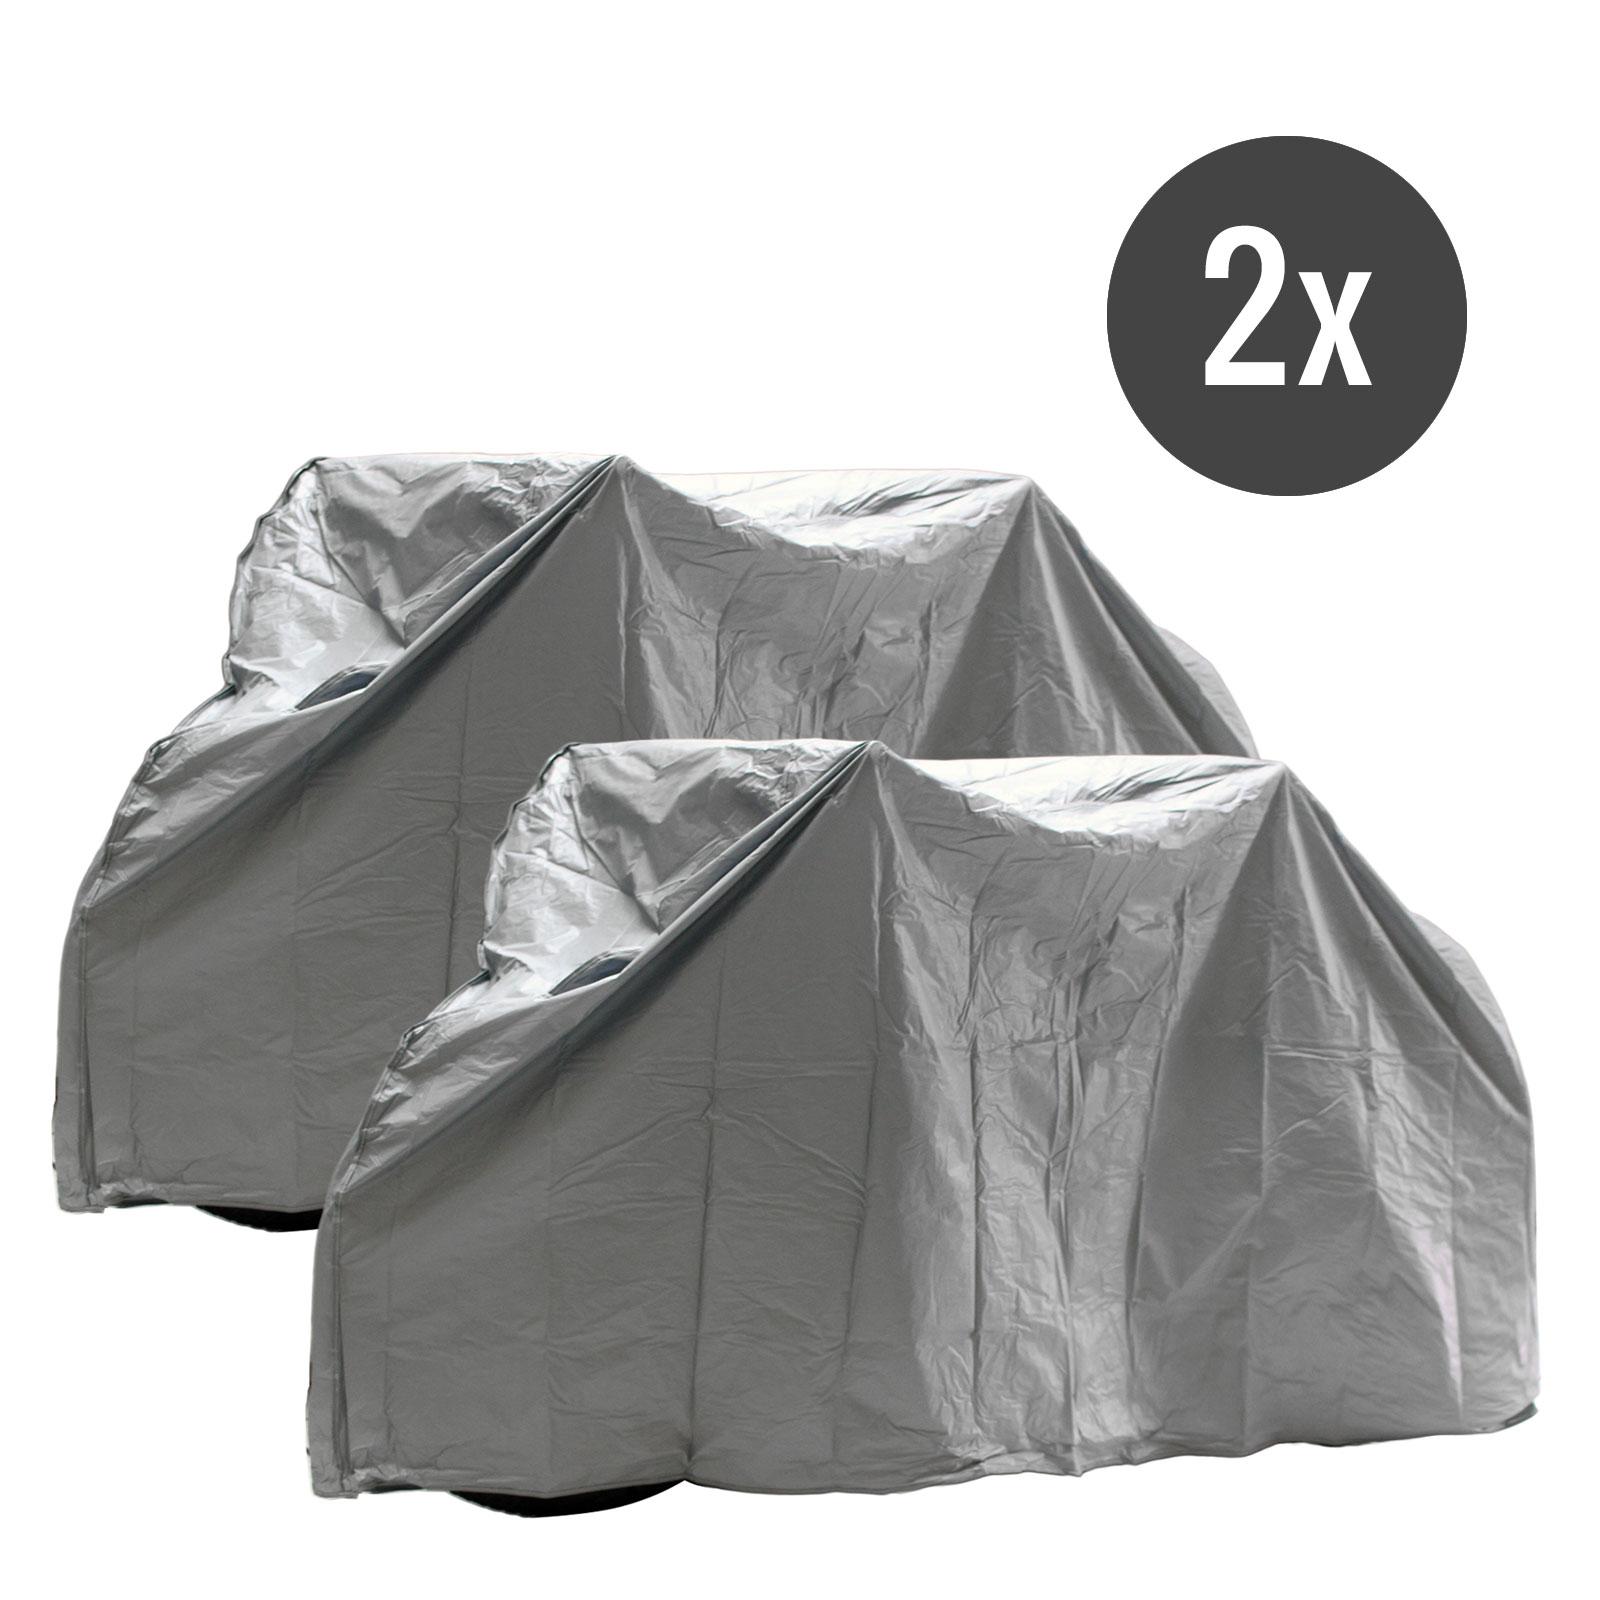 2x Fahrradabdeckplane grau für 1 Bike wasserdicht mit Klett